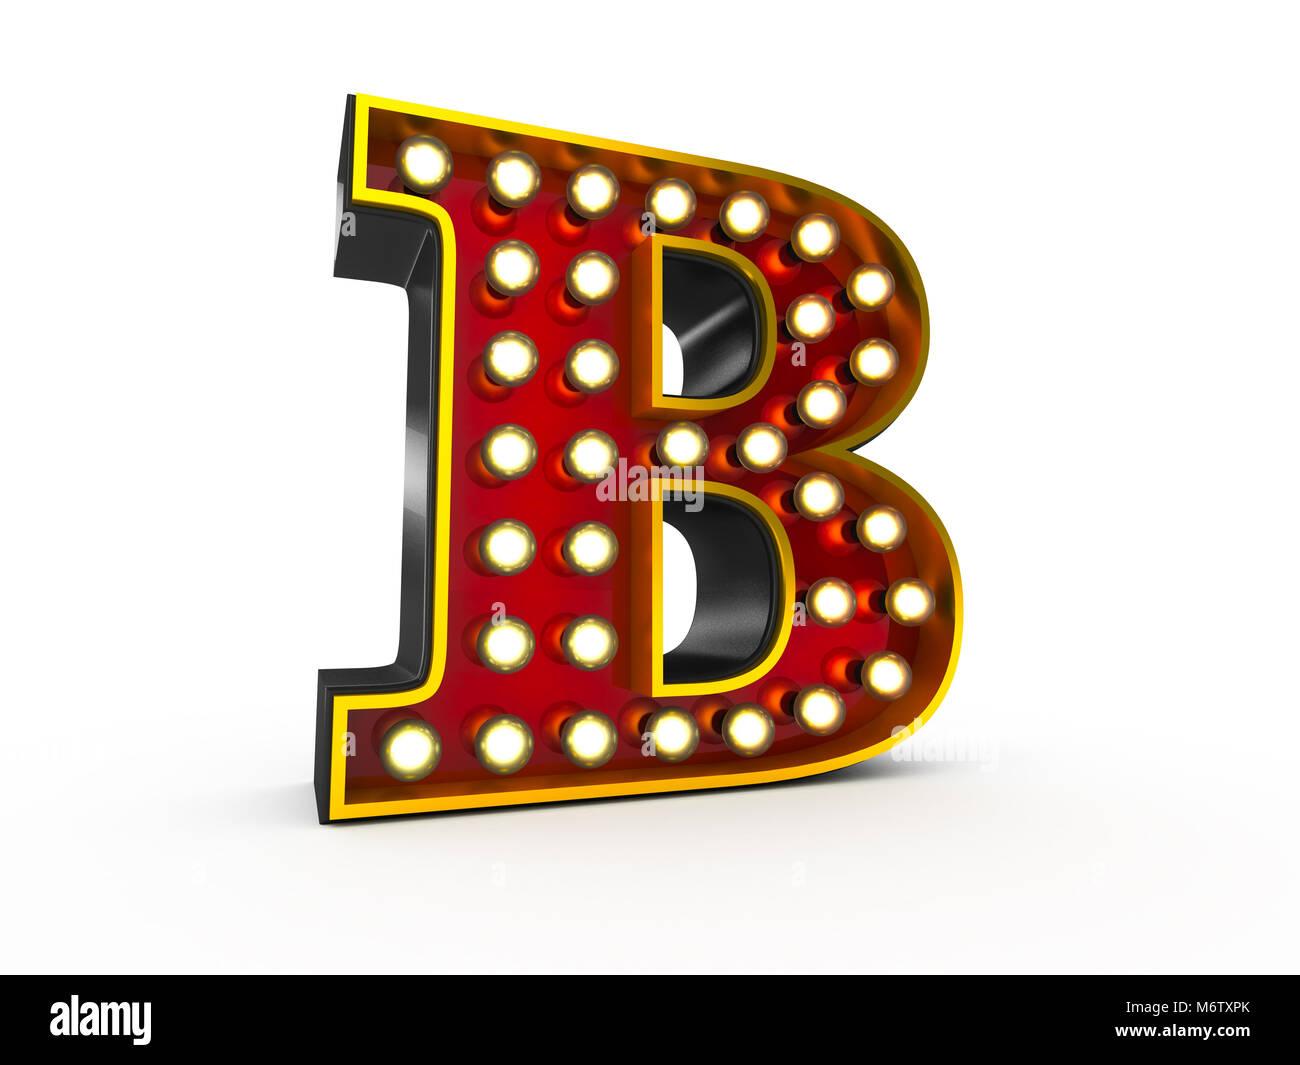 Hochwertige 3D-Darstellung der Buchstaben B im Broadway Stil mit Glühbirnen es erhellend auf weißem Hintergrund Stockbild